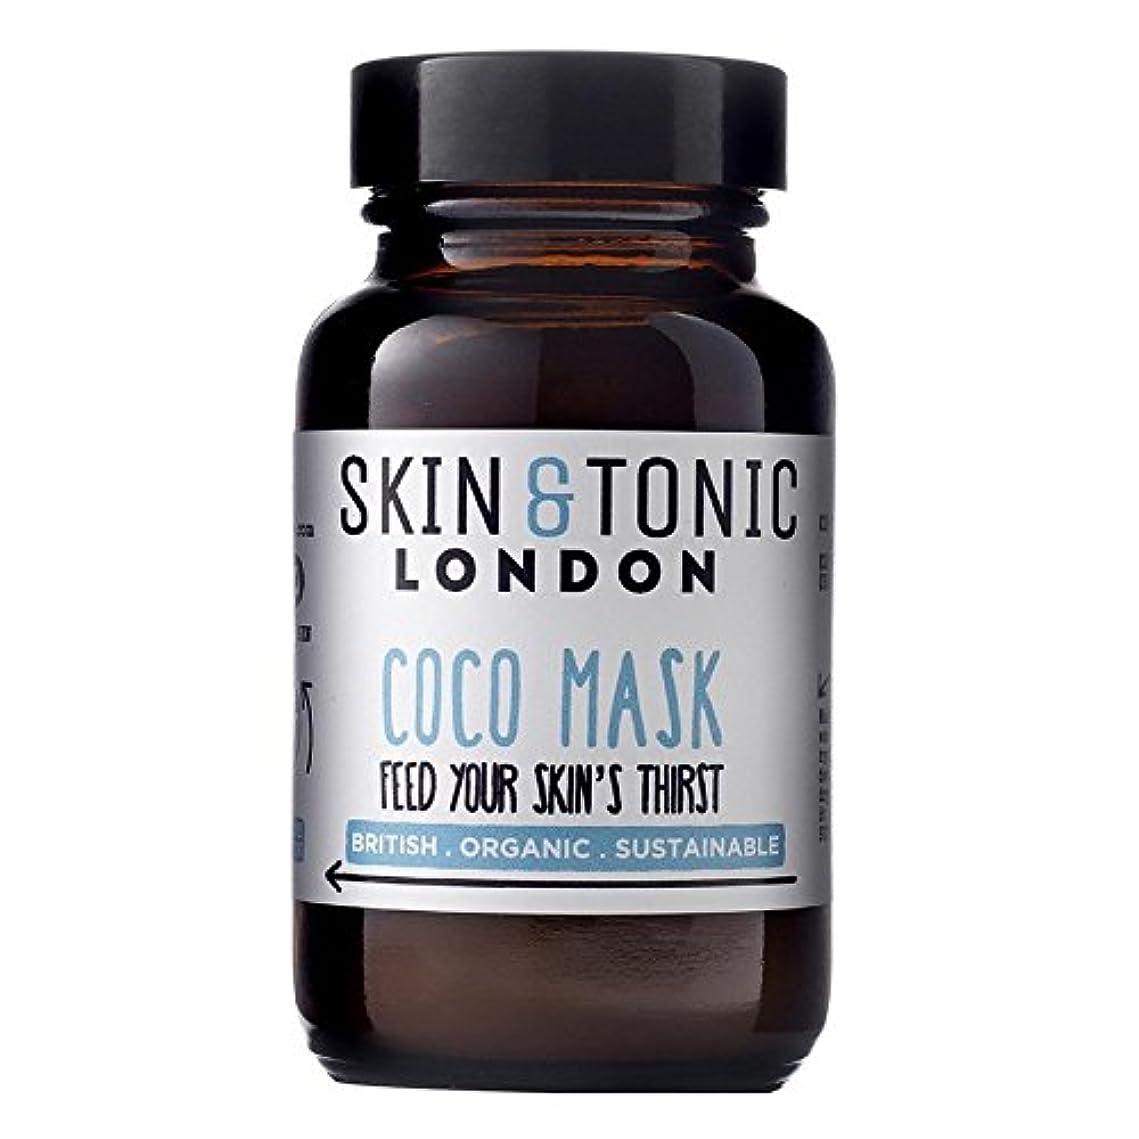 テロぎこちない分散Skin & Tonic London Coco Mask 50g (Pack of 6) - スキン&トニックロンドンココマスク50グラム x6 [並行輸入品]